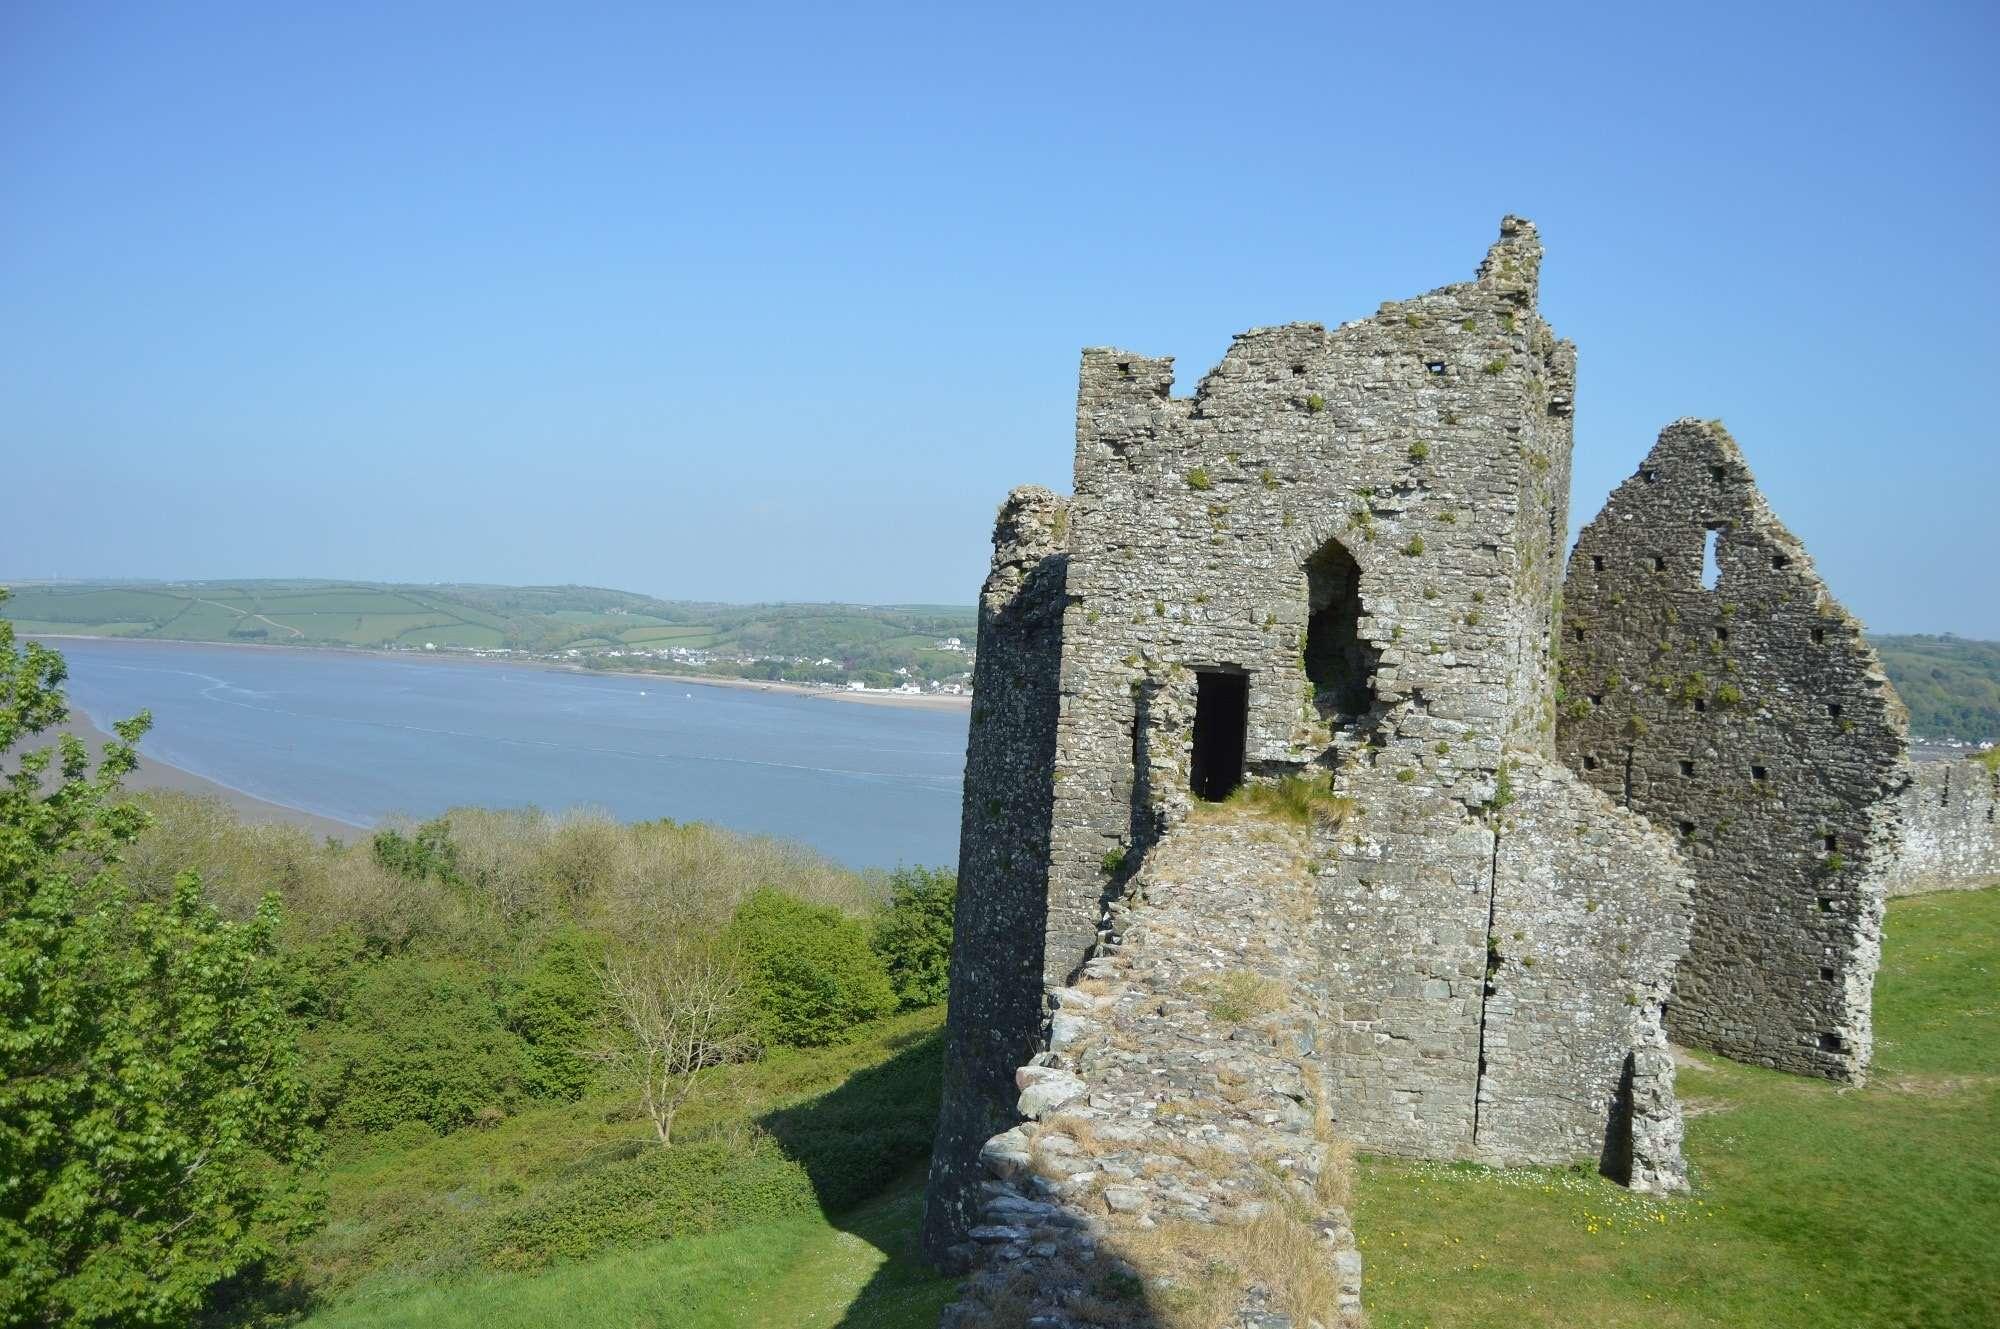 View of Llansteffan castle